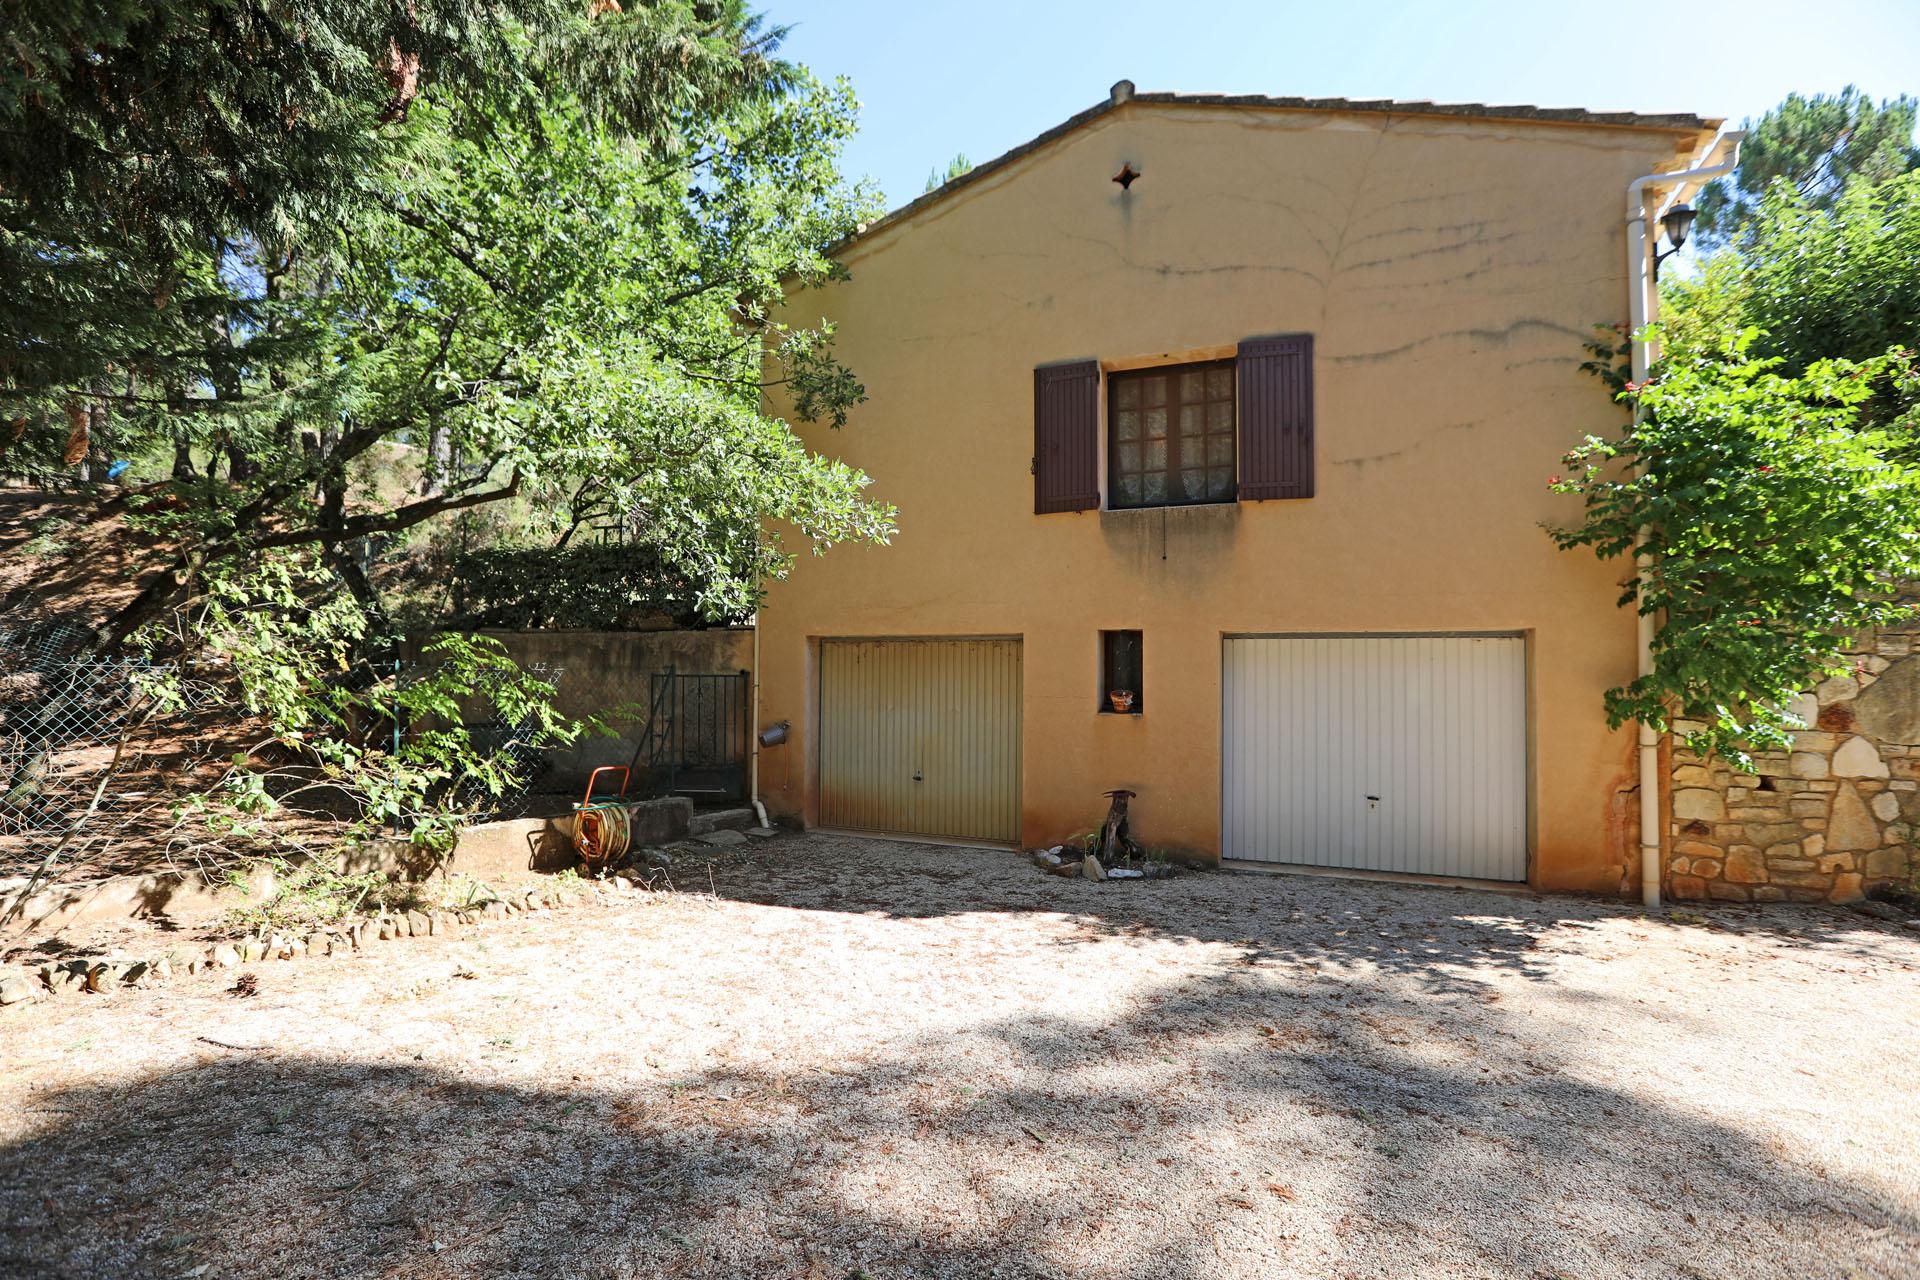 Les garages en contrebas de cette maison à vendre à Roussillon